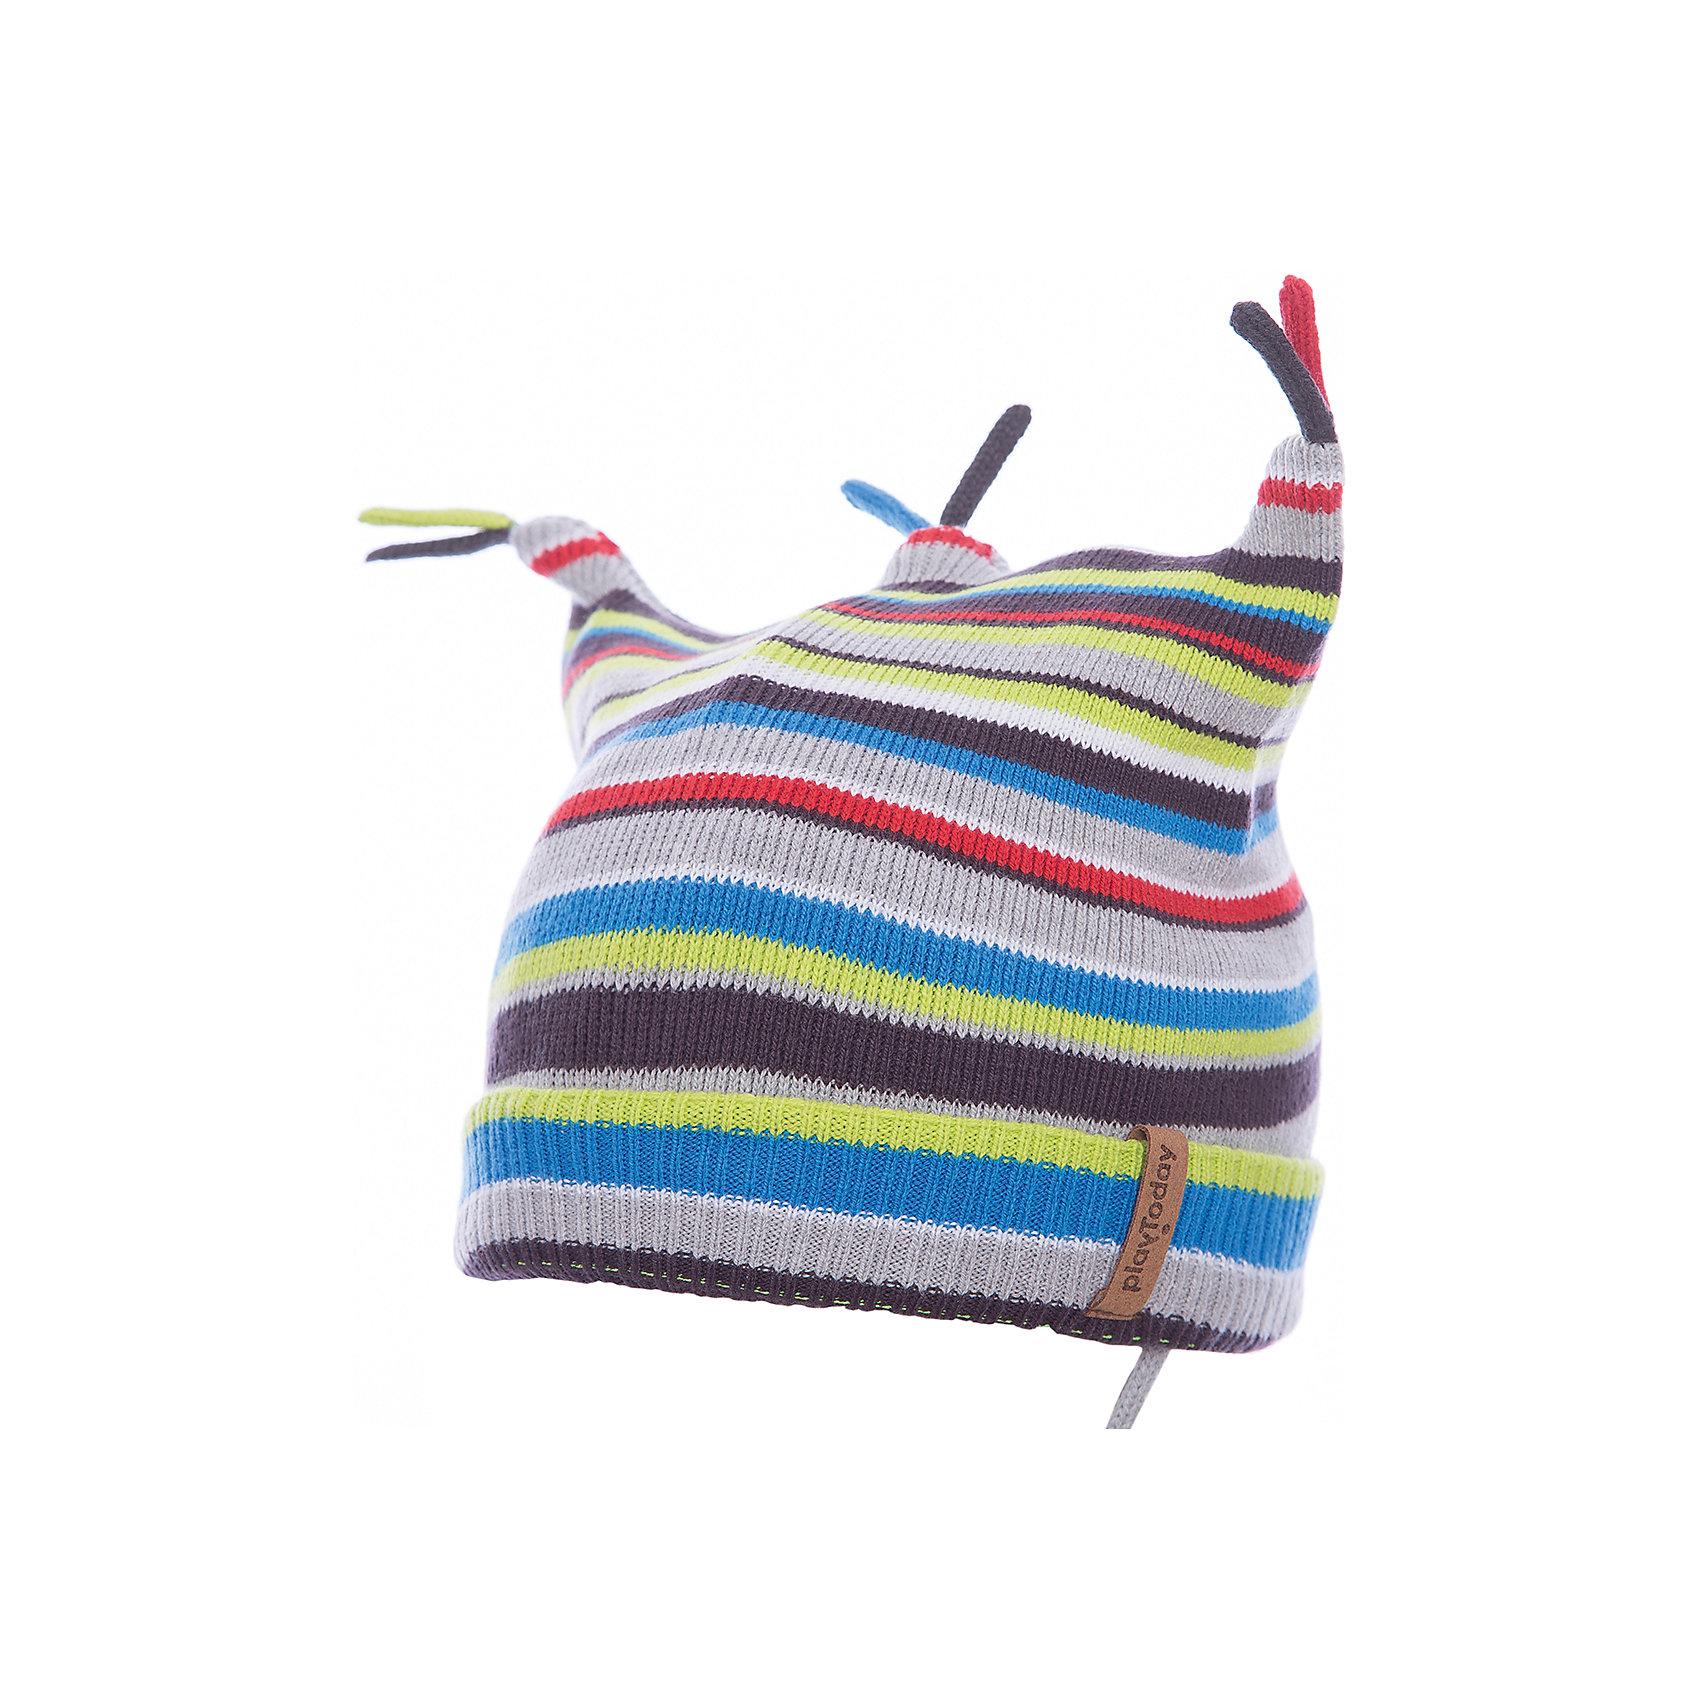 Шапка PlayToday для мальчикаШапочки<br>Шапка PlayToday для мальчика<br>Двуслойная шапка из трикотажа - отличное решение для холодной погоды. Модель на завязках, дополнена оригинальными помпонами - кисточками. Необычная конструкция шапки создает эффект ушек.  Модель выполнена в технике yarn dyed -  в процессе производства используются разного цвета нити. При рекомендуемом уходе изделие не линяет и надолго остается в первоначальном виде.<br>Состав:<br>60% хлопок, 40% акрил<br><br>Ширина мм: 89<br>Глубина мм: 117<br>Высота мм: 44<br>Вес г: 155<br>Цвет: белый<br>Возраст от месяцев: 6<br>Возраст до месяцев: 9<br>Пол: Мужской<br>Возраст: Детский<br>Размер: 46,48<br>SKU: 7109827